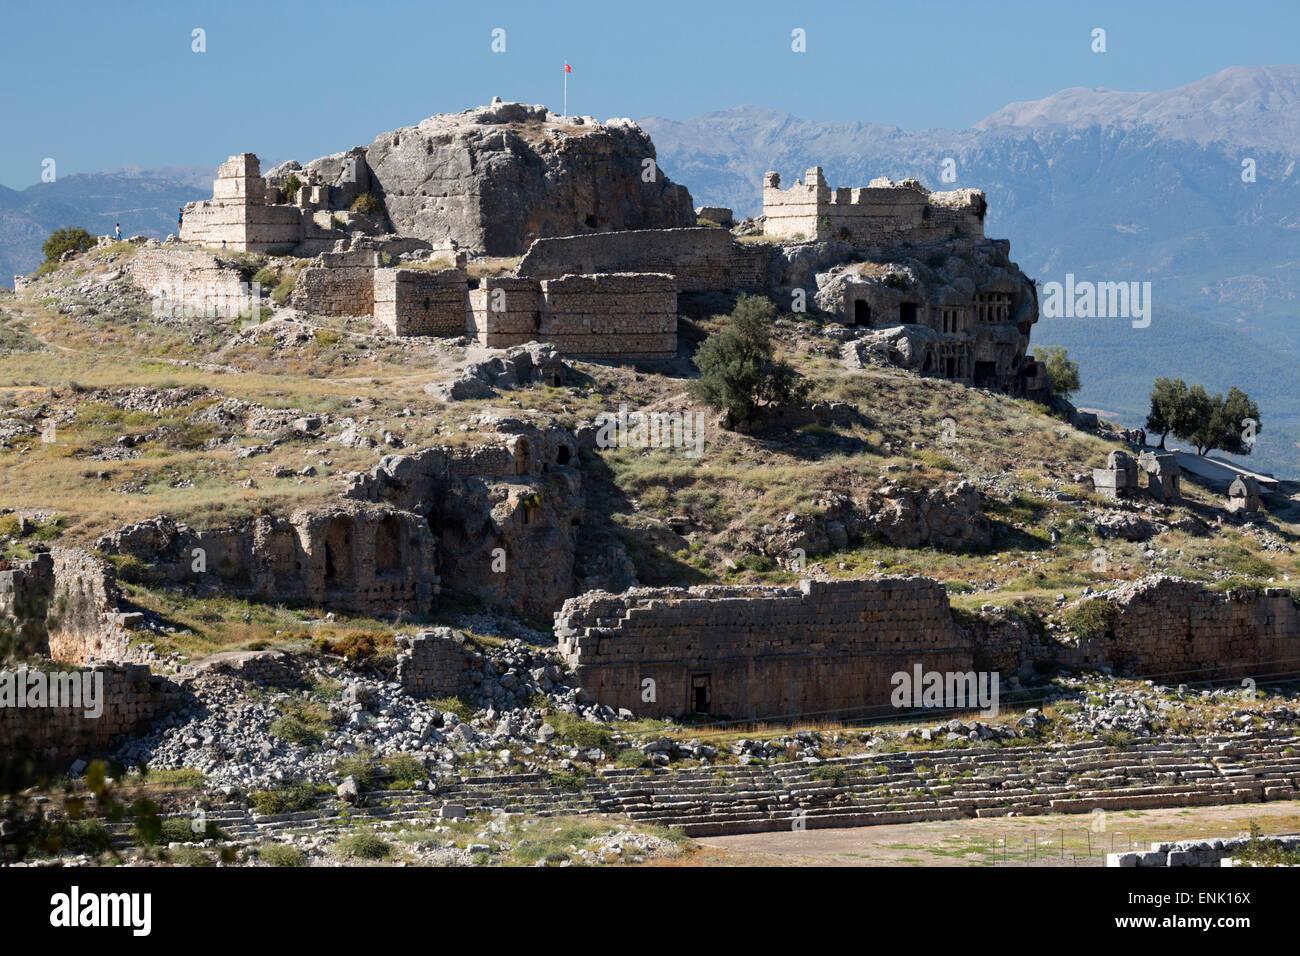 Estadio en ruinas y la acrópolis, Tlos, Licia, provincia de Antalya, costa mediterránea, en el suroeste Imagen De Stock